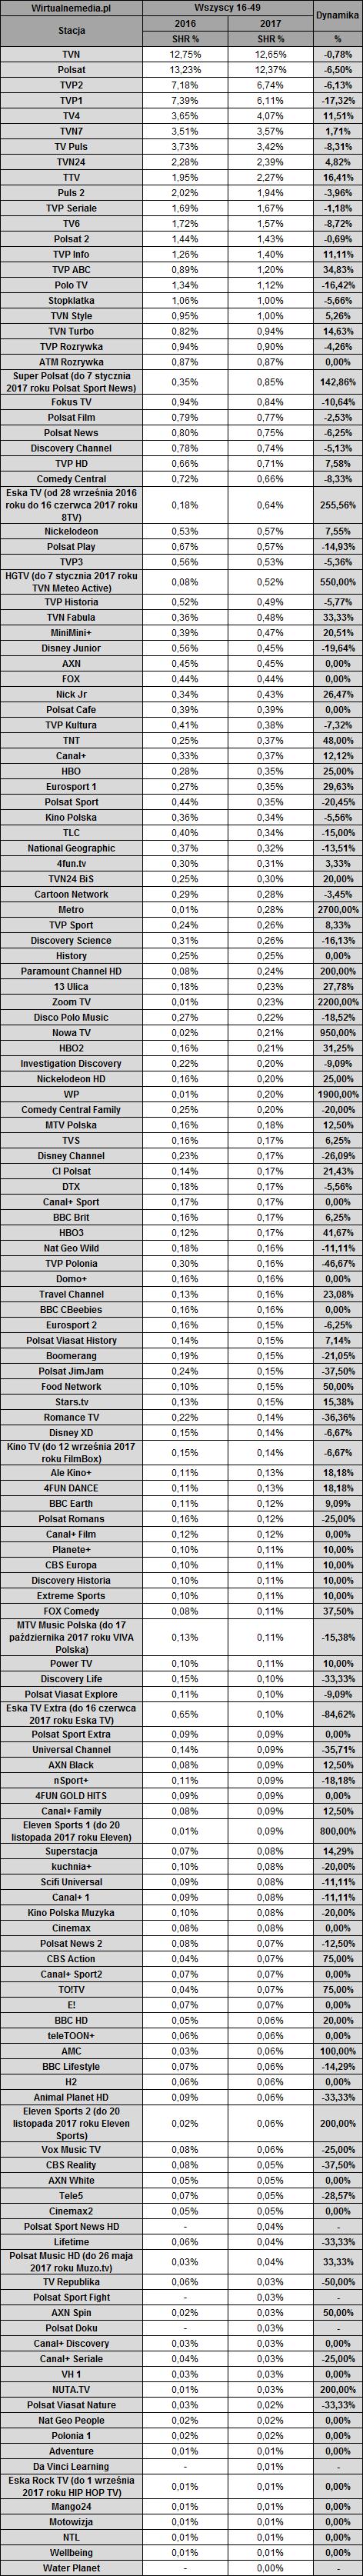 Najpopulaniejsze kanały telewizyjne w POlsce w grupie wiekowej 16-49 lat w 2017 roku w Polsce